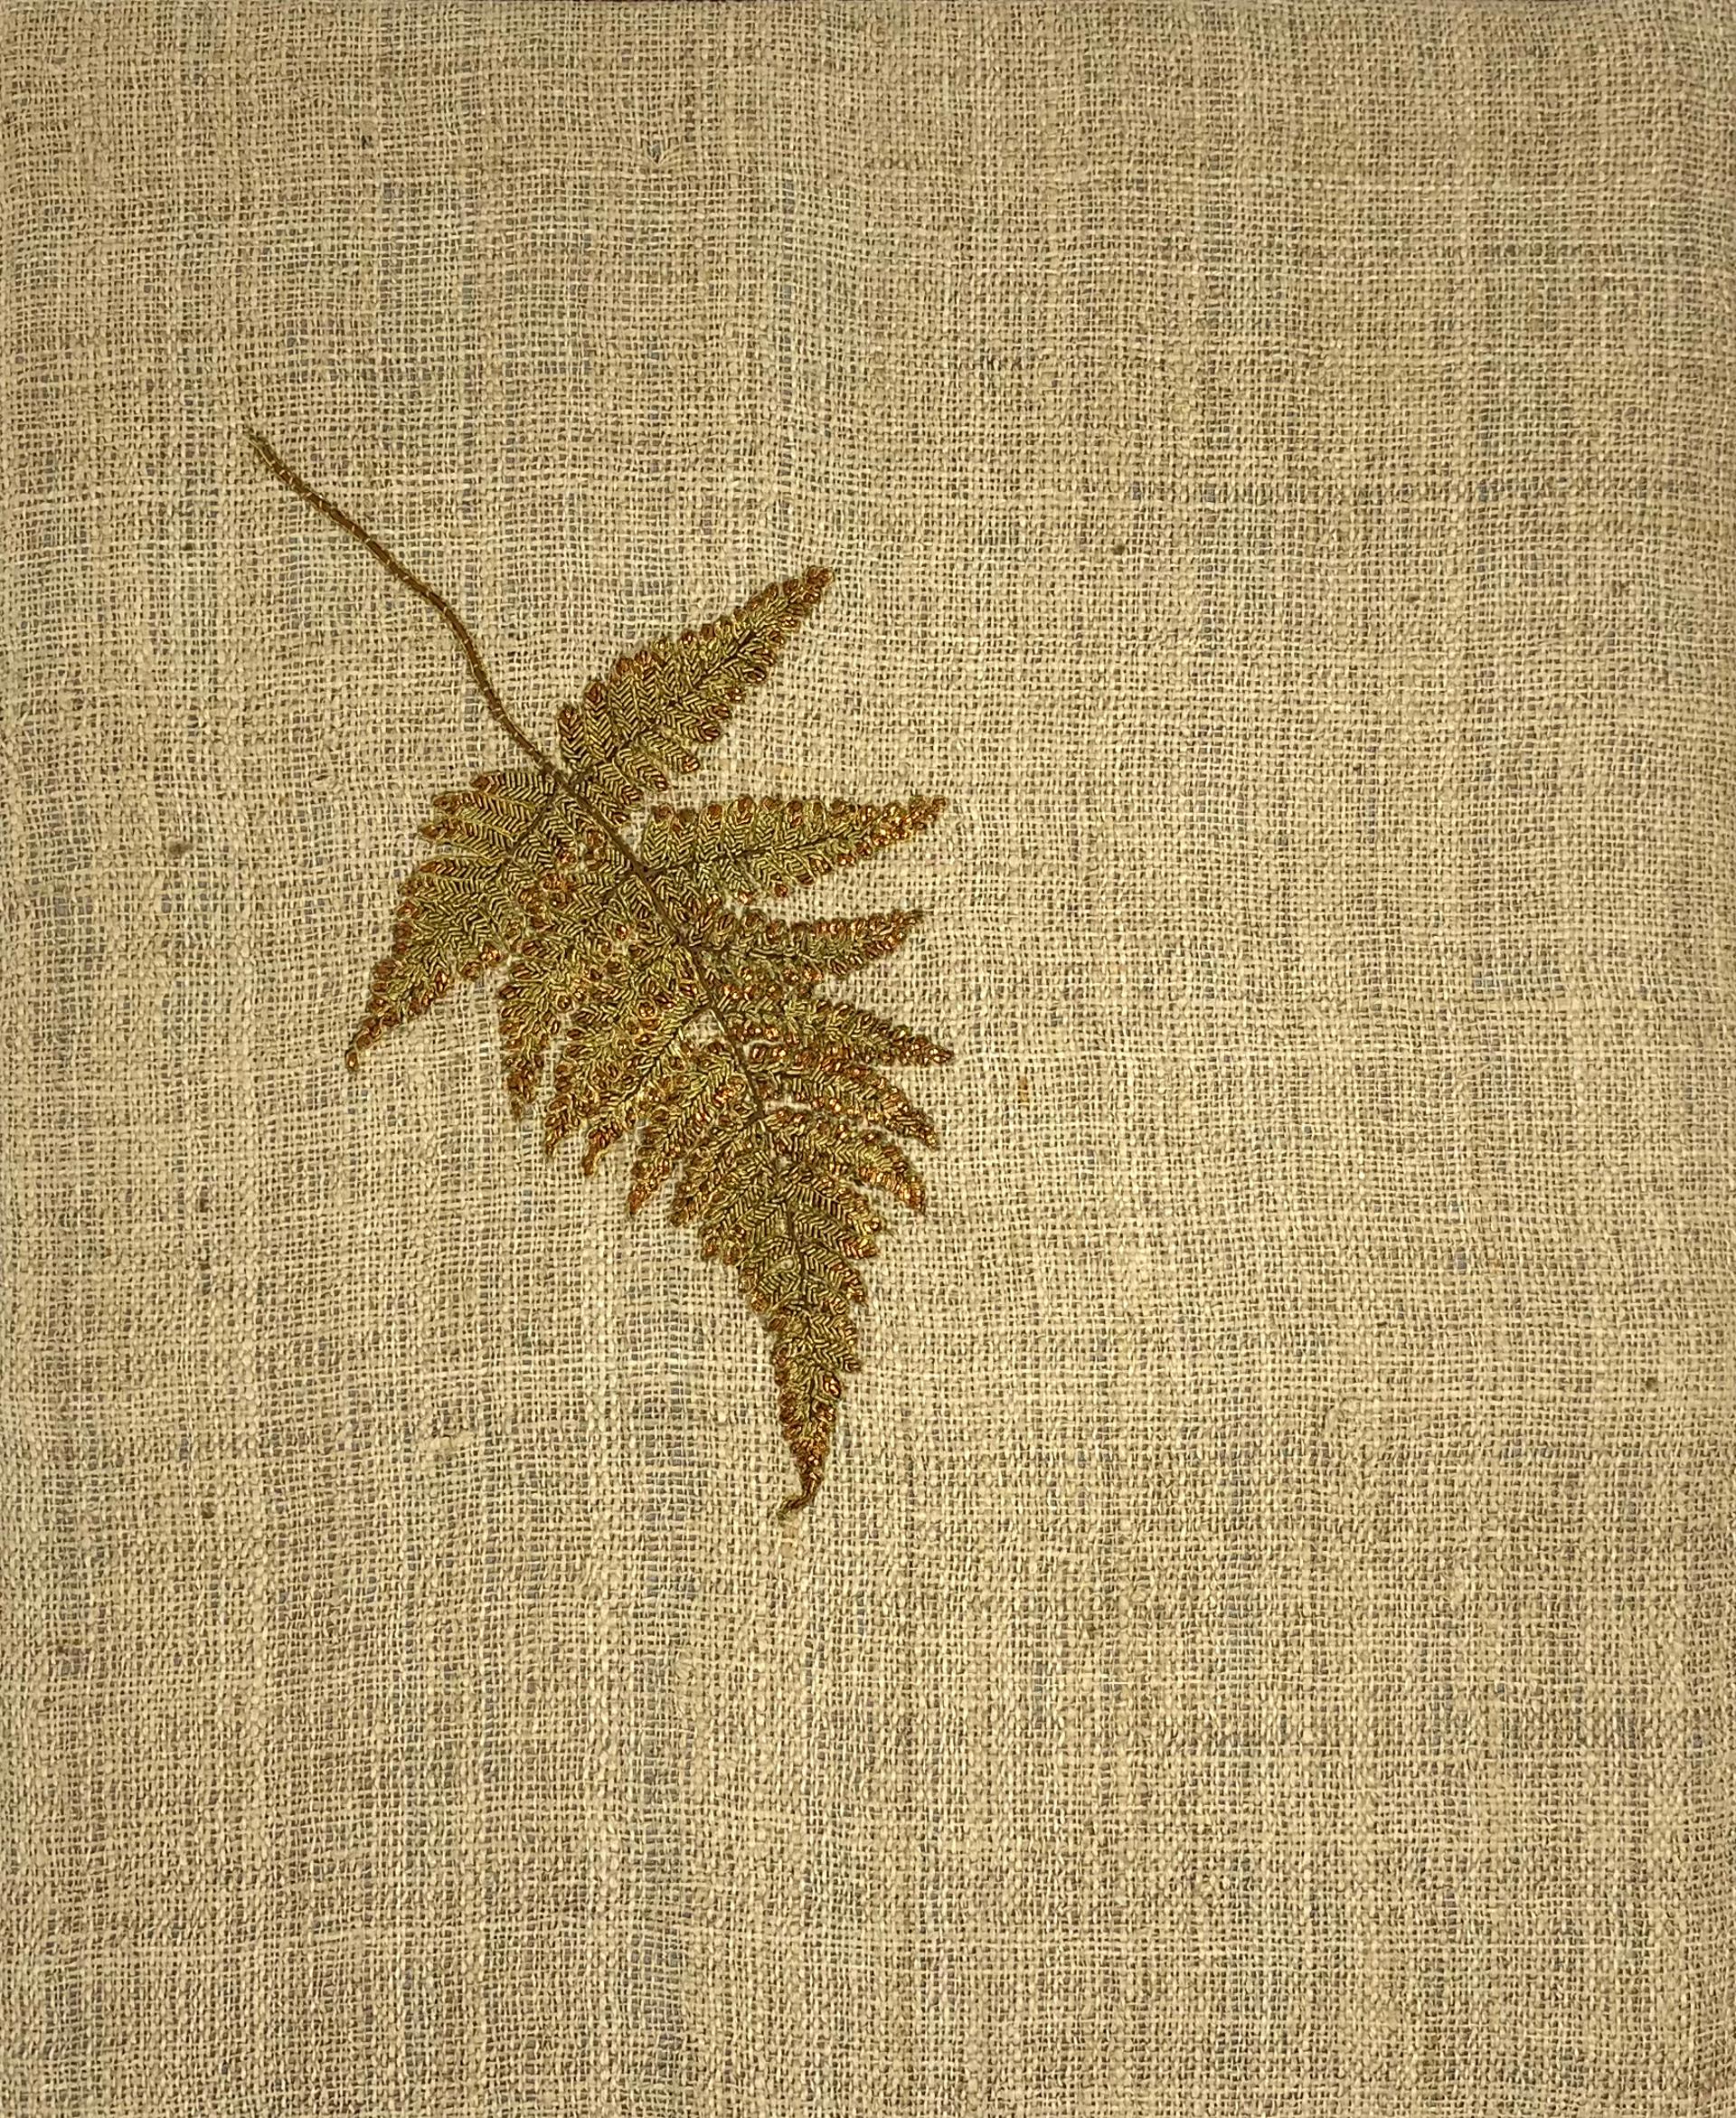 Autumn III: Fern Leaf by Tiao Nithakhong Somsanith